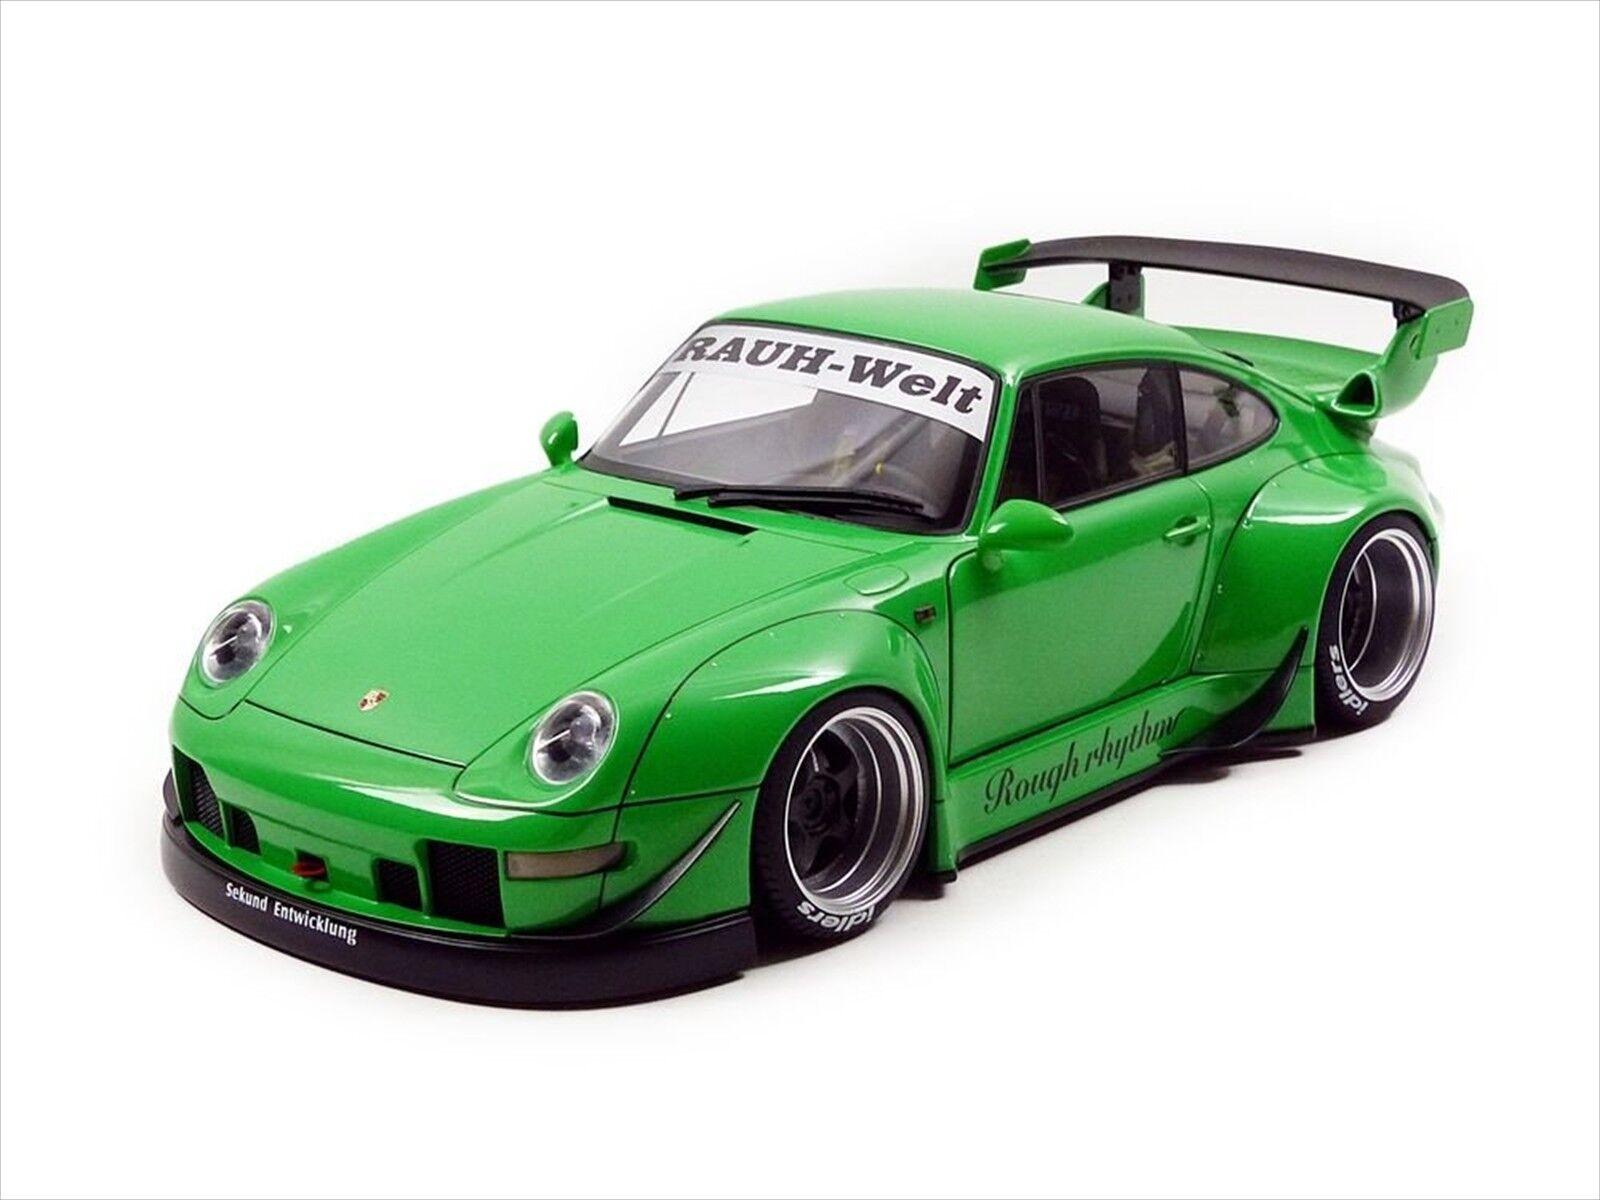 AUTOart 1 18 GT SPIRIT GT074 PORSCHE 993 911 BY RWB resin model car 78151 Japan